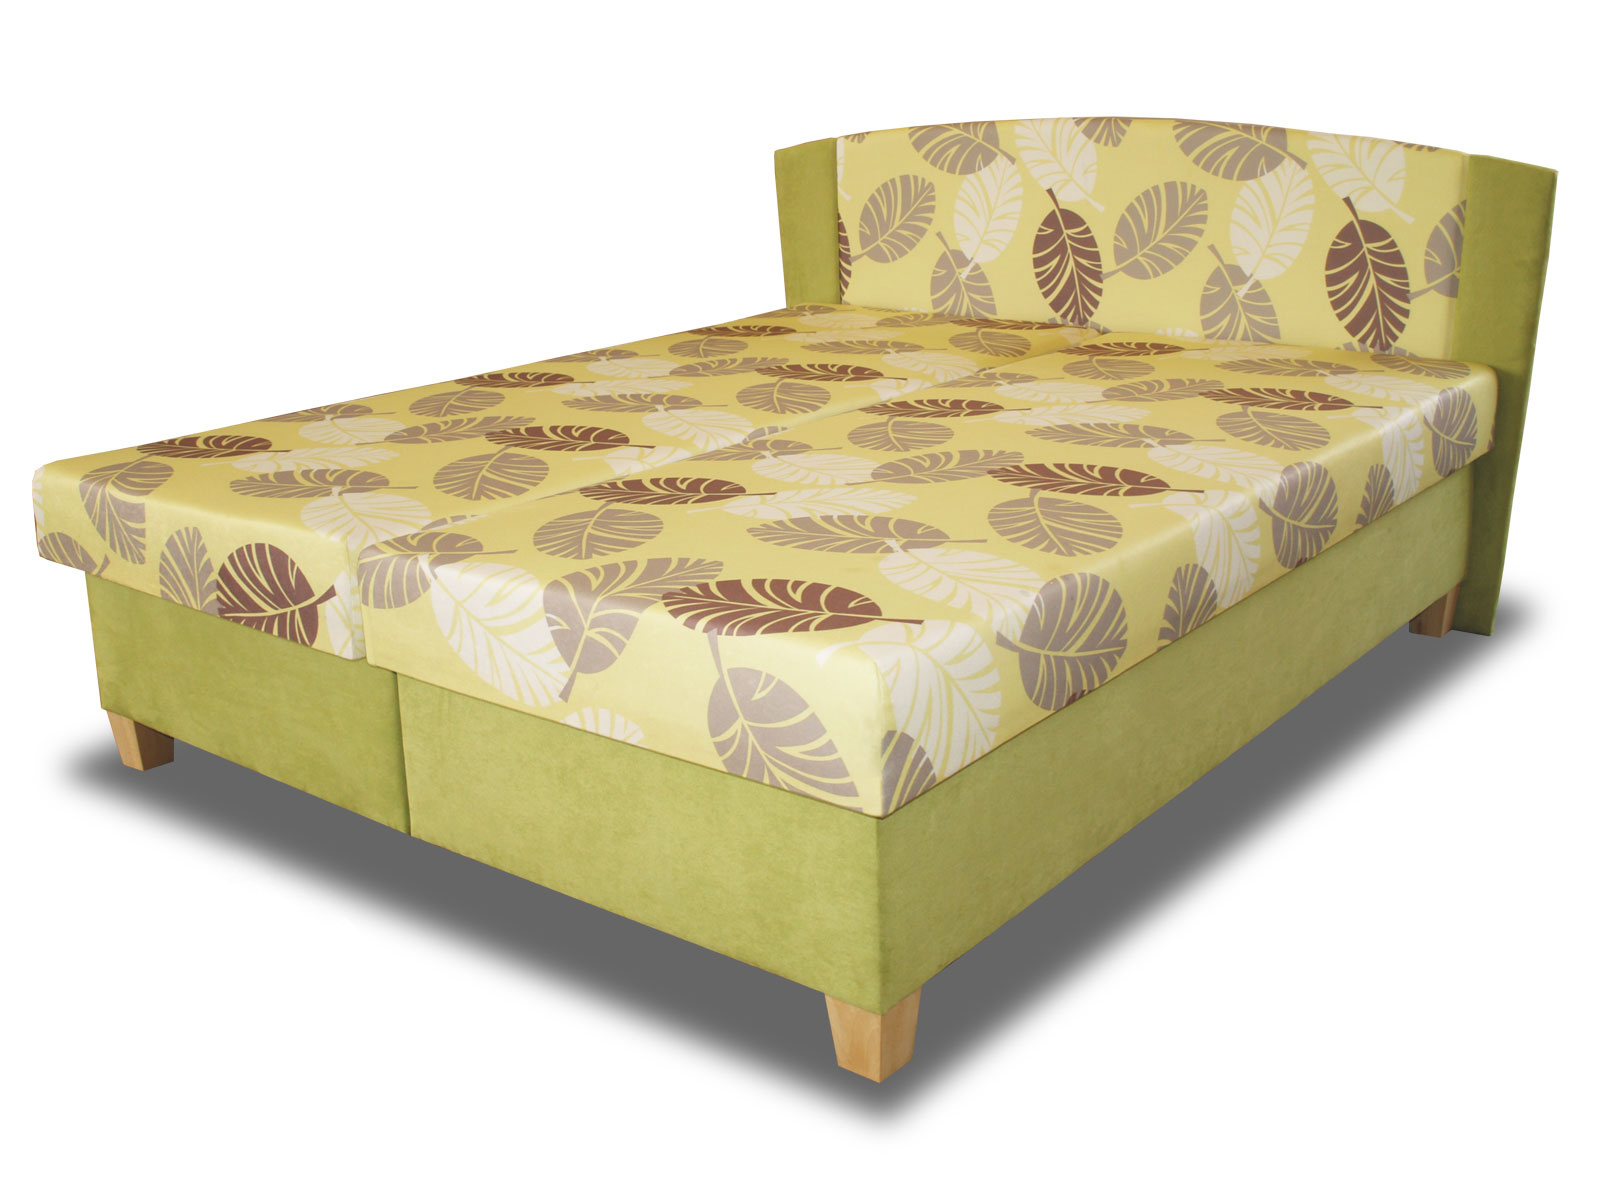 Manželská postel 160 cm - Benab - Elize (s rošty a matracemi)